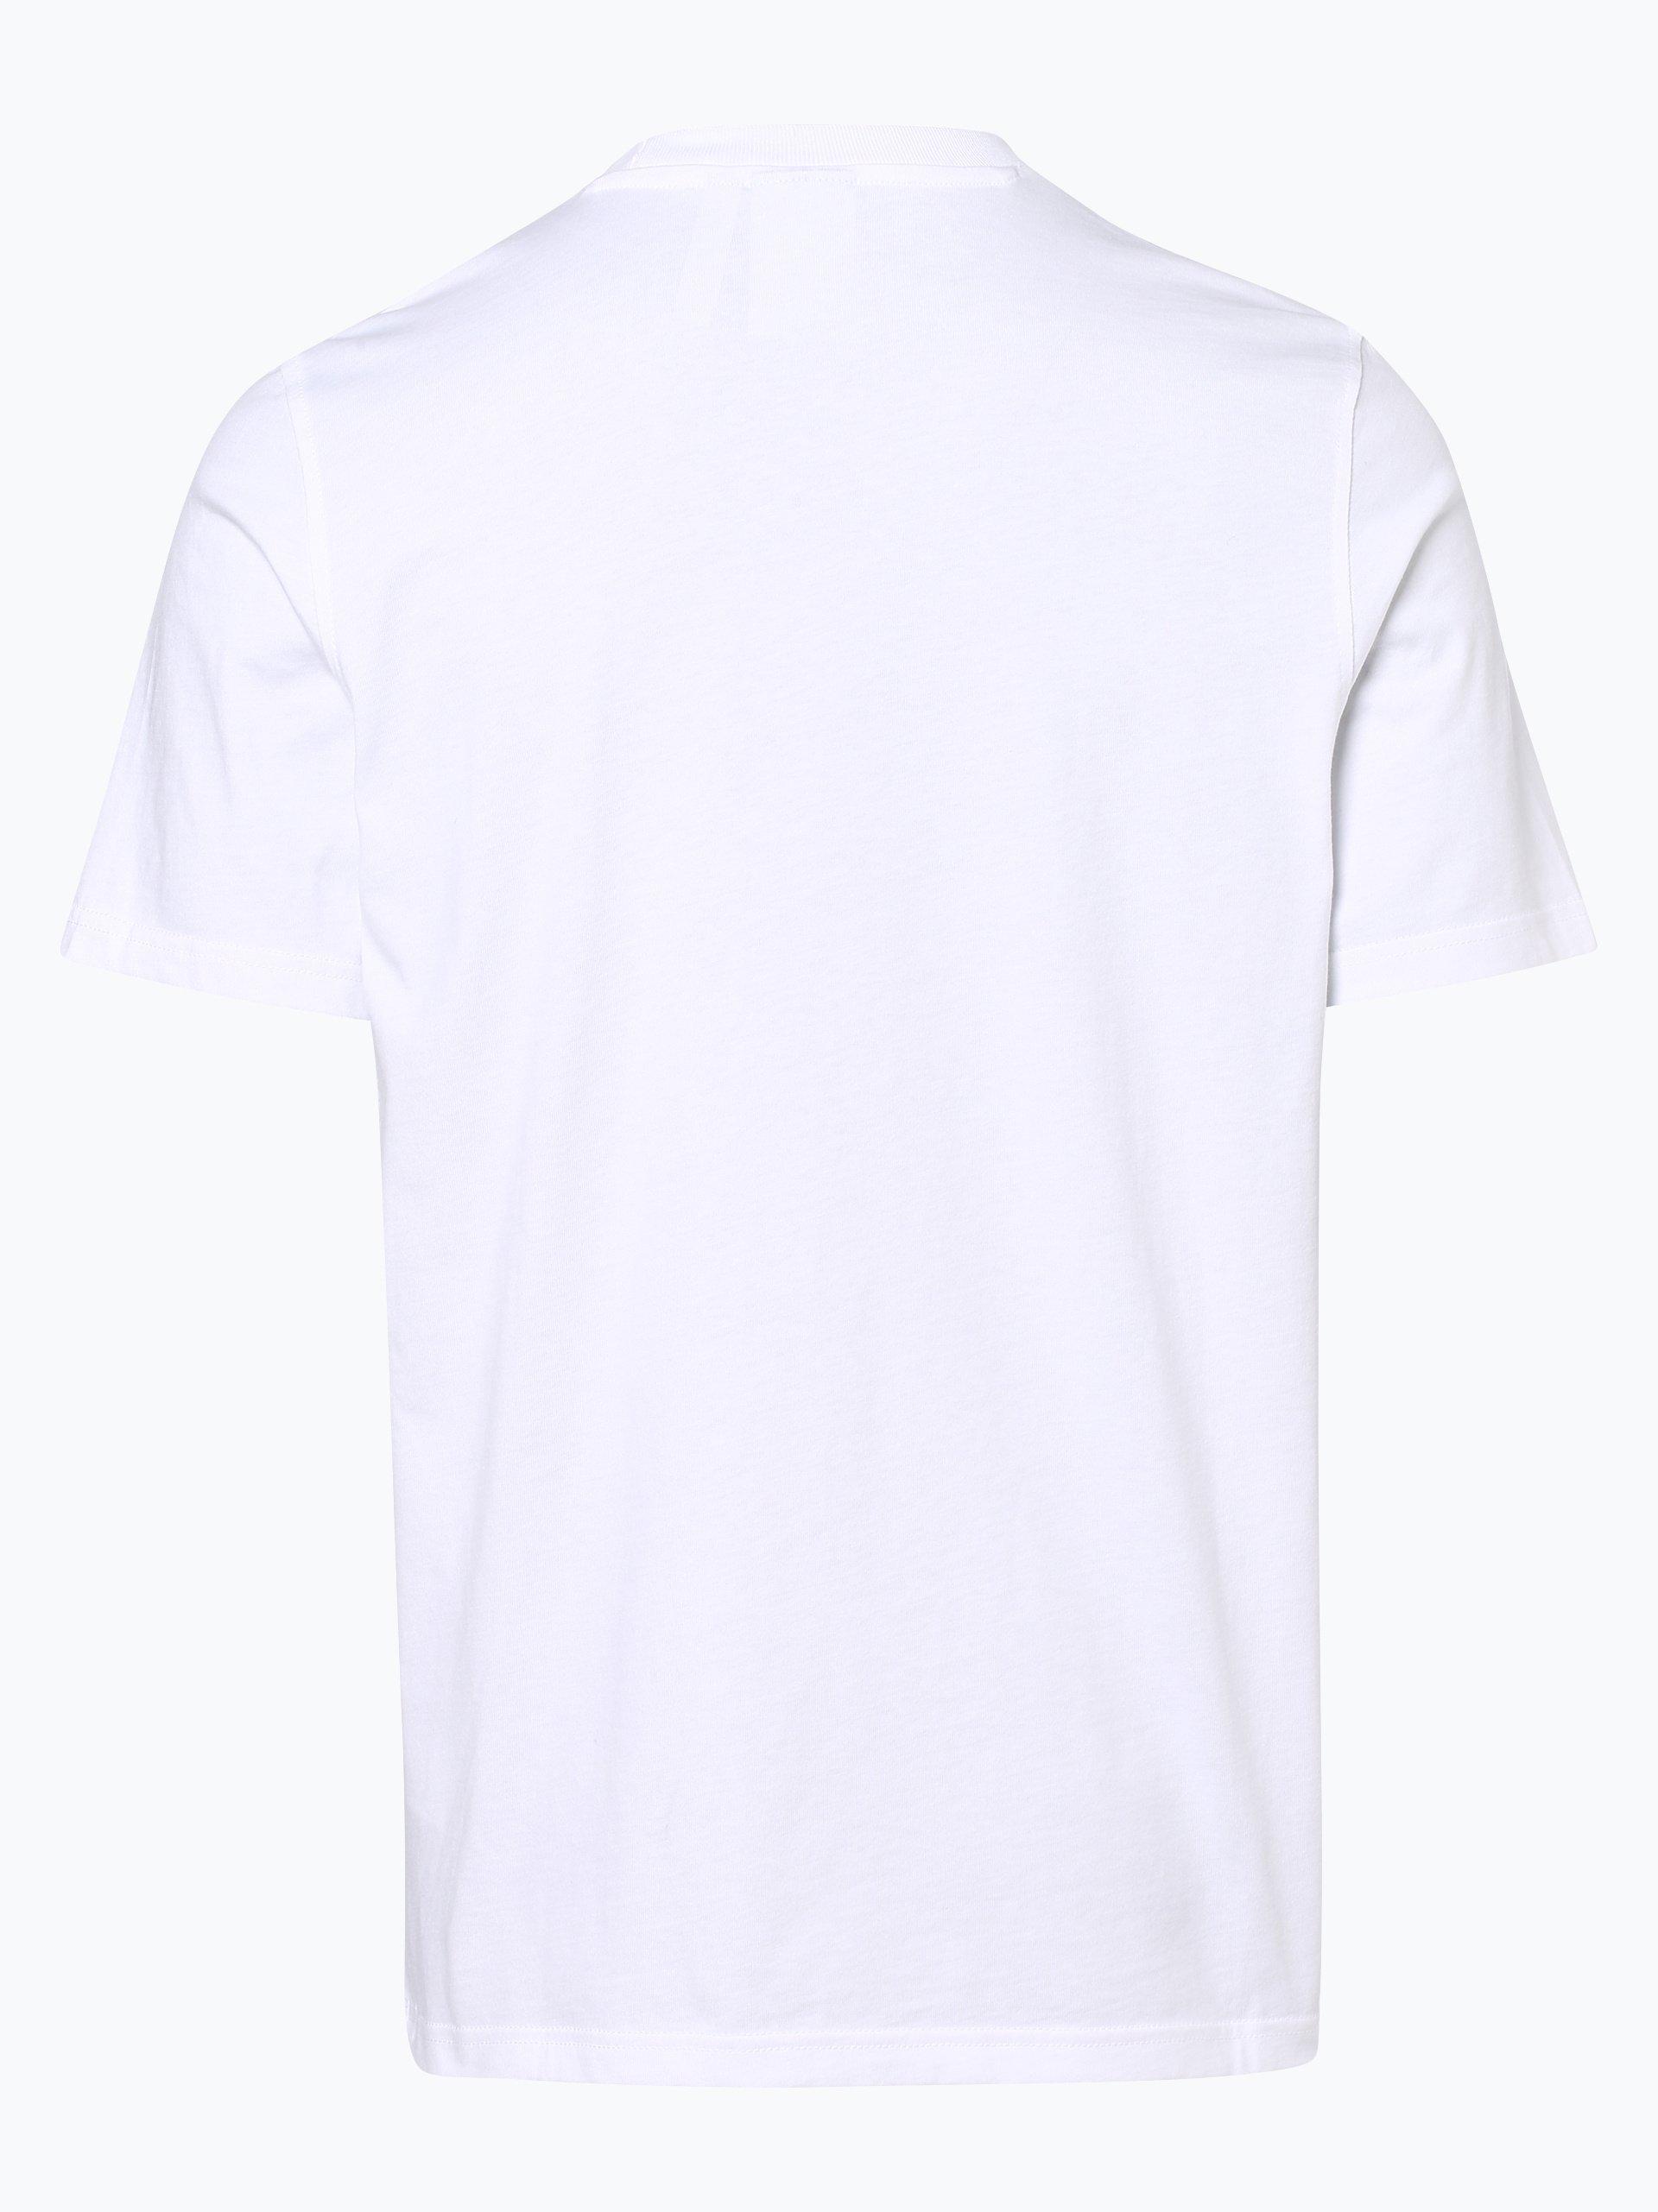 Adidas Originals Herren T Shirt Online Kaufen